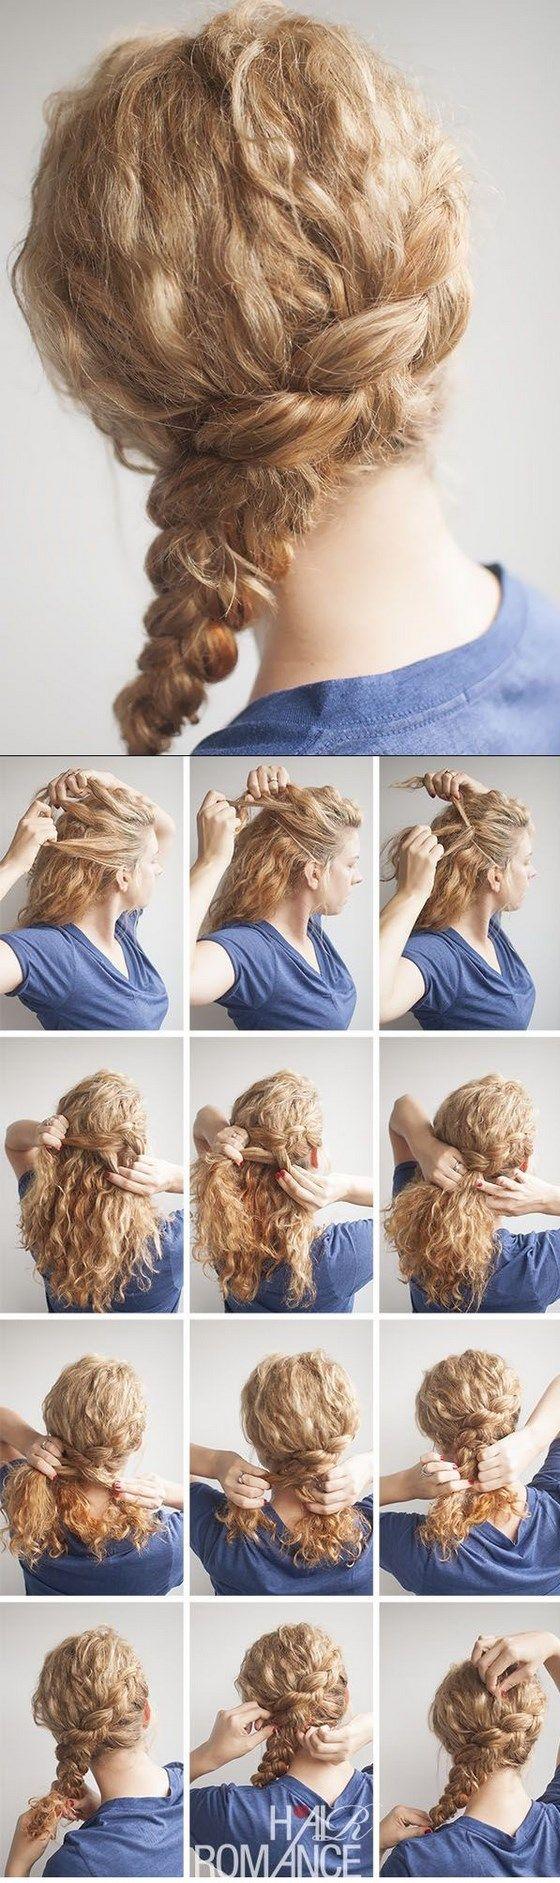 trenza lateral cabello rizado